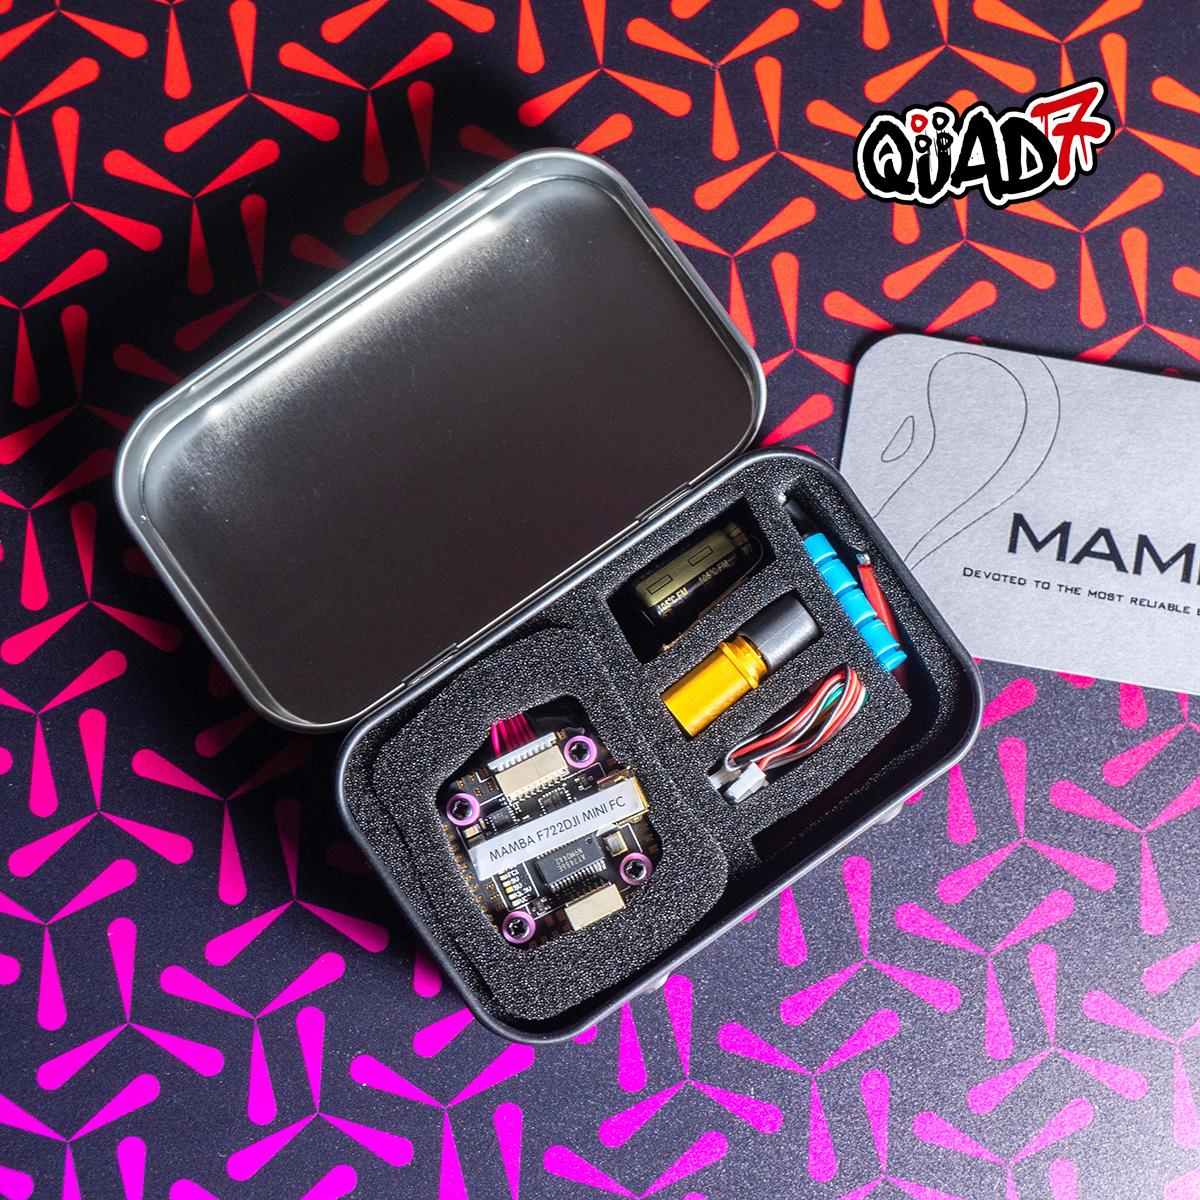 MAMBA F722 MINI MK2 Mini DJI